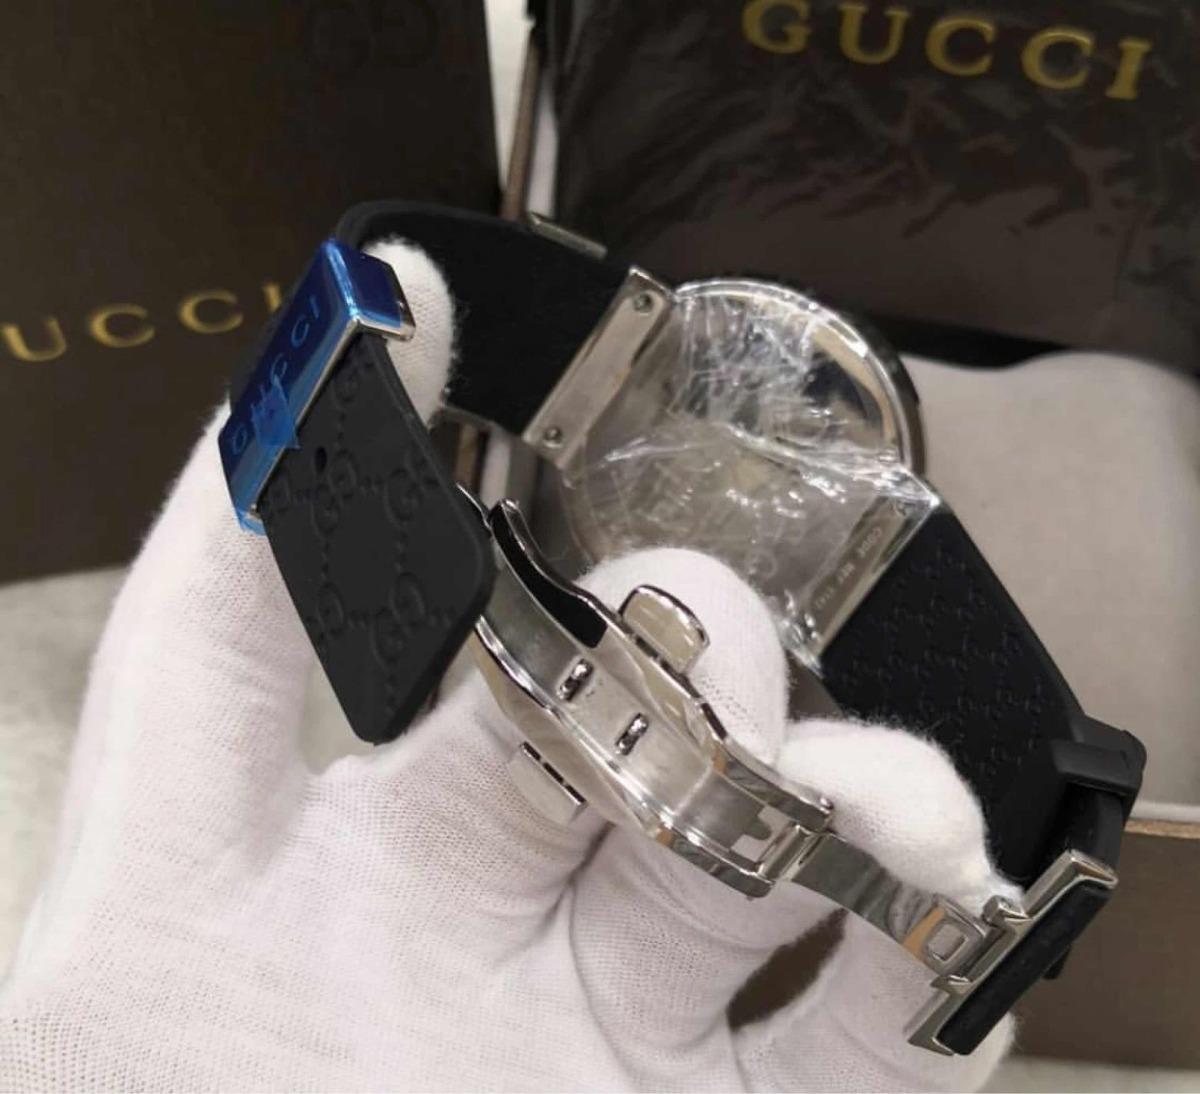 2a260f69ceb Relógio Gucci Digital Preto Novo Original - R  1.648